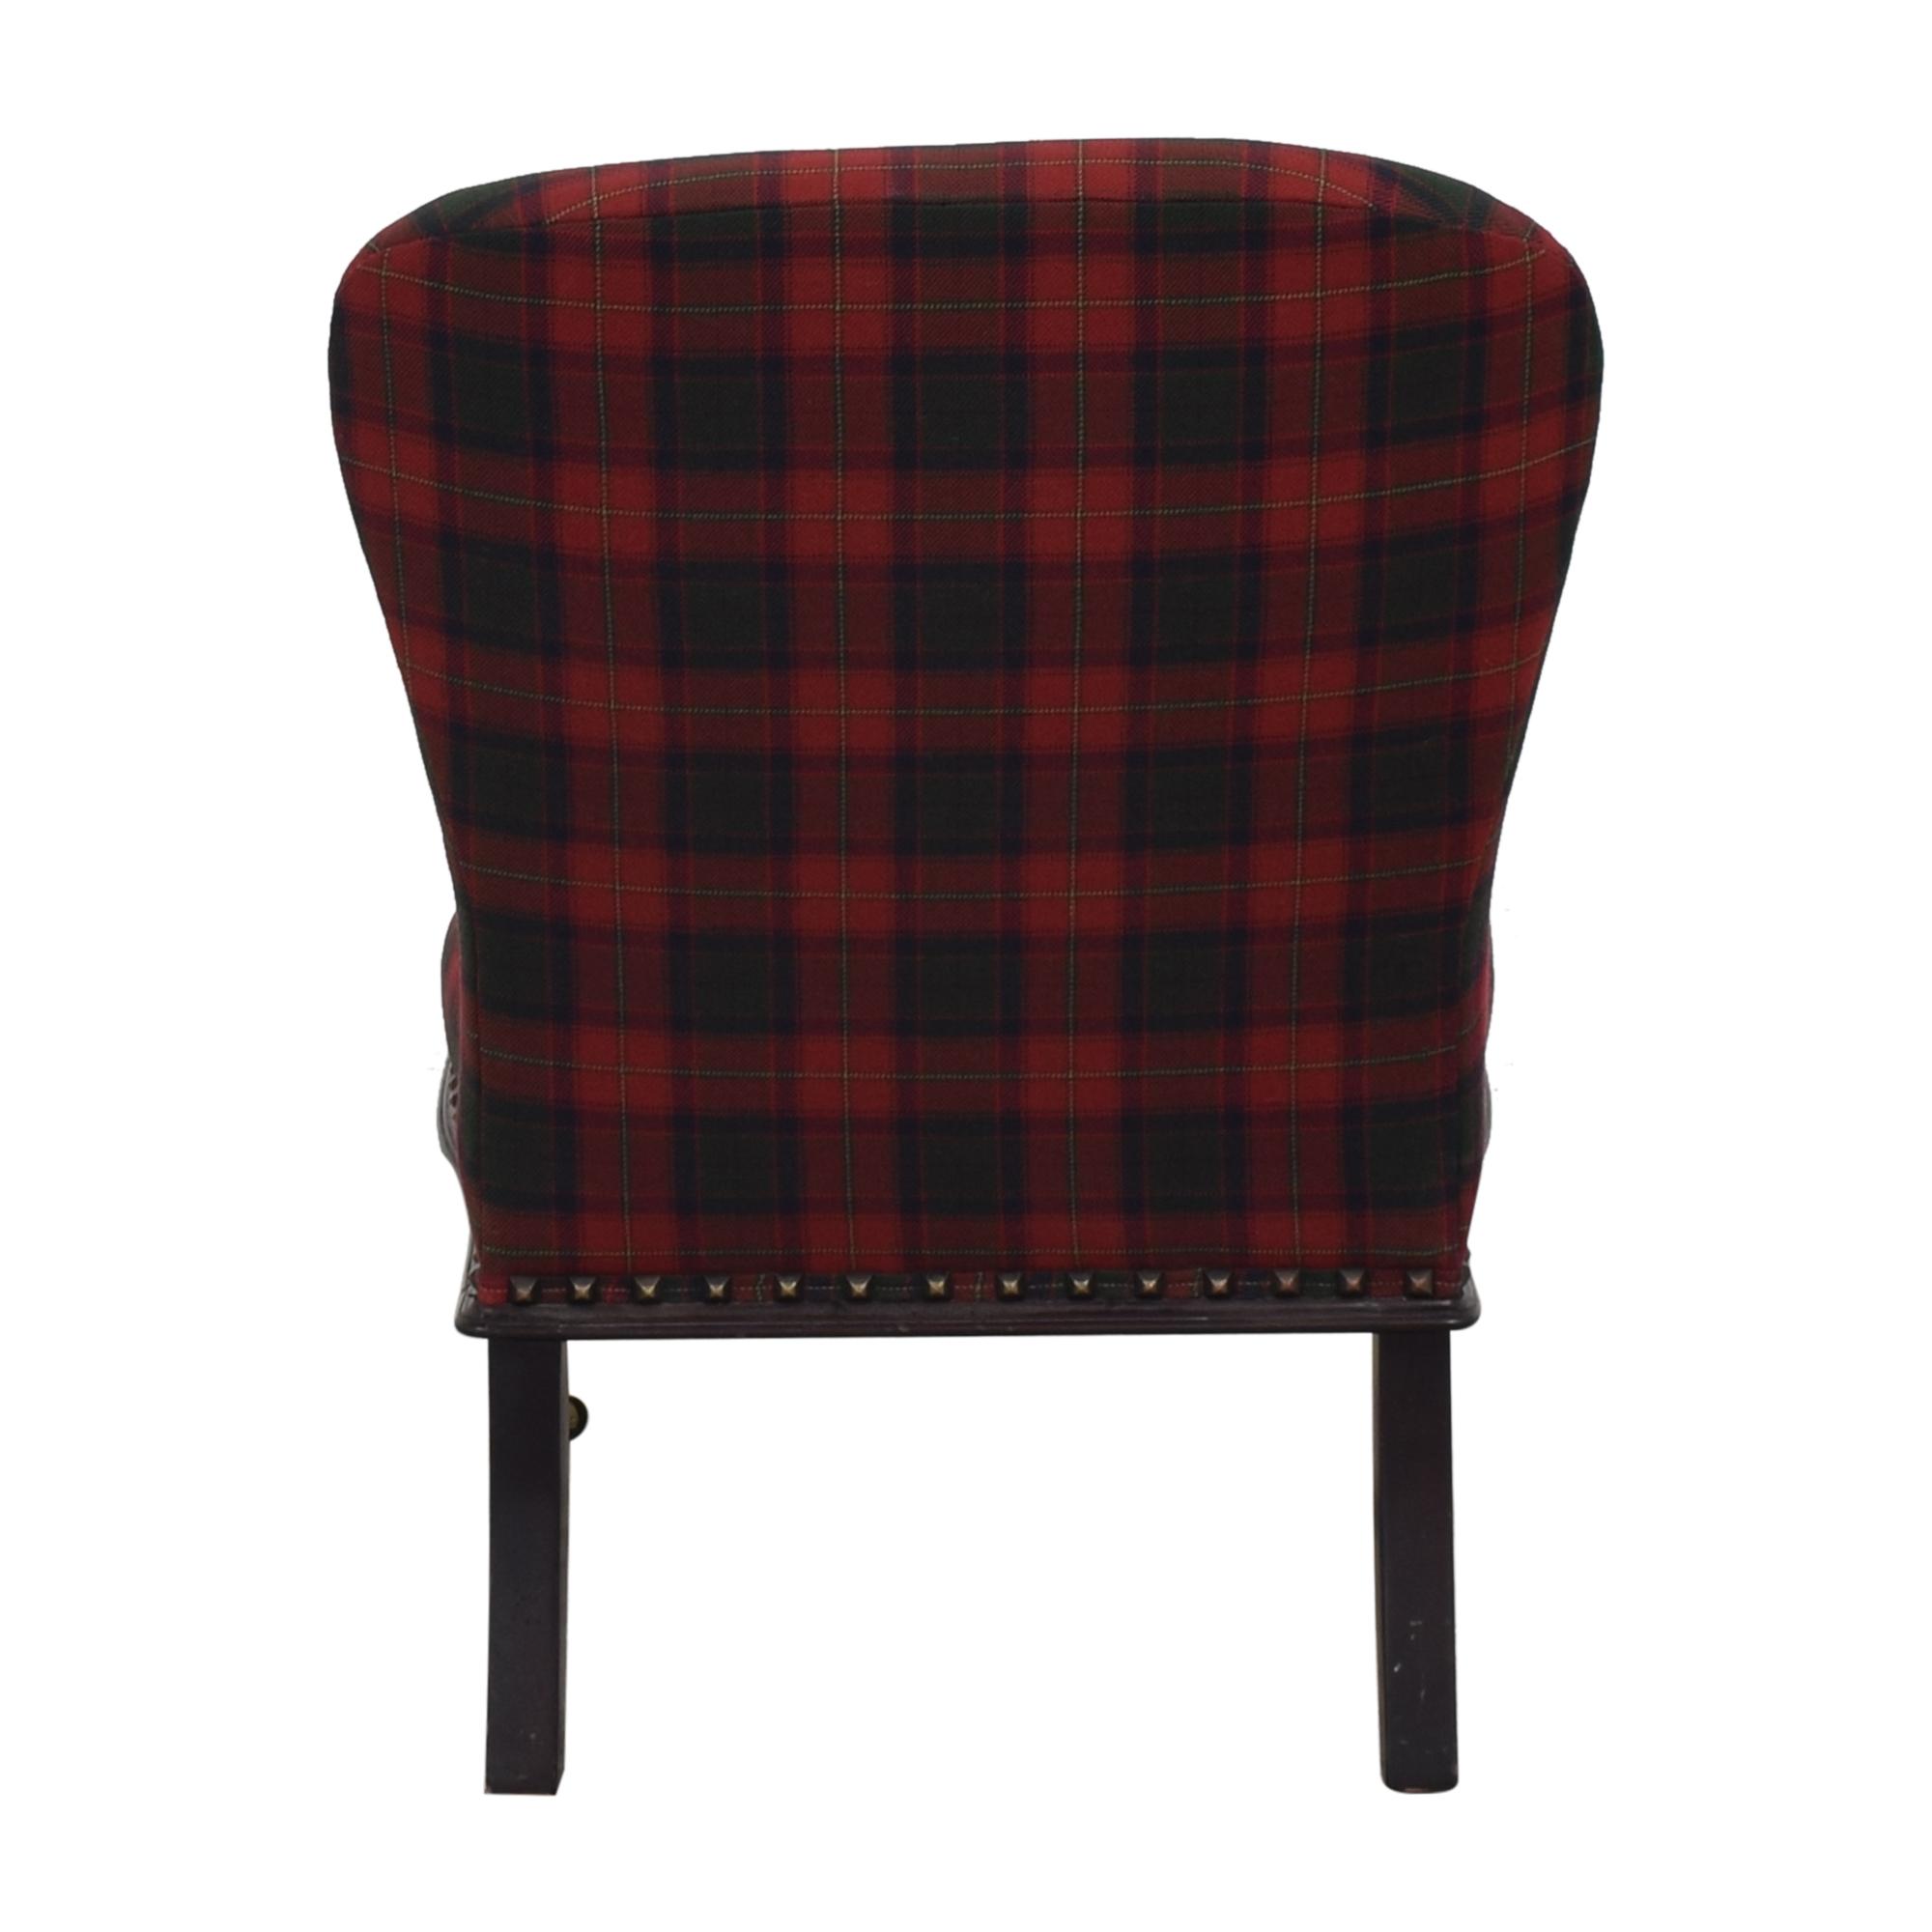 Ralph Lauren Plaid Chair / Accent Chairs